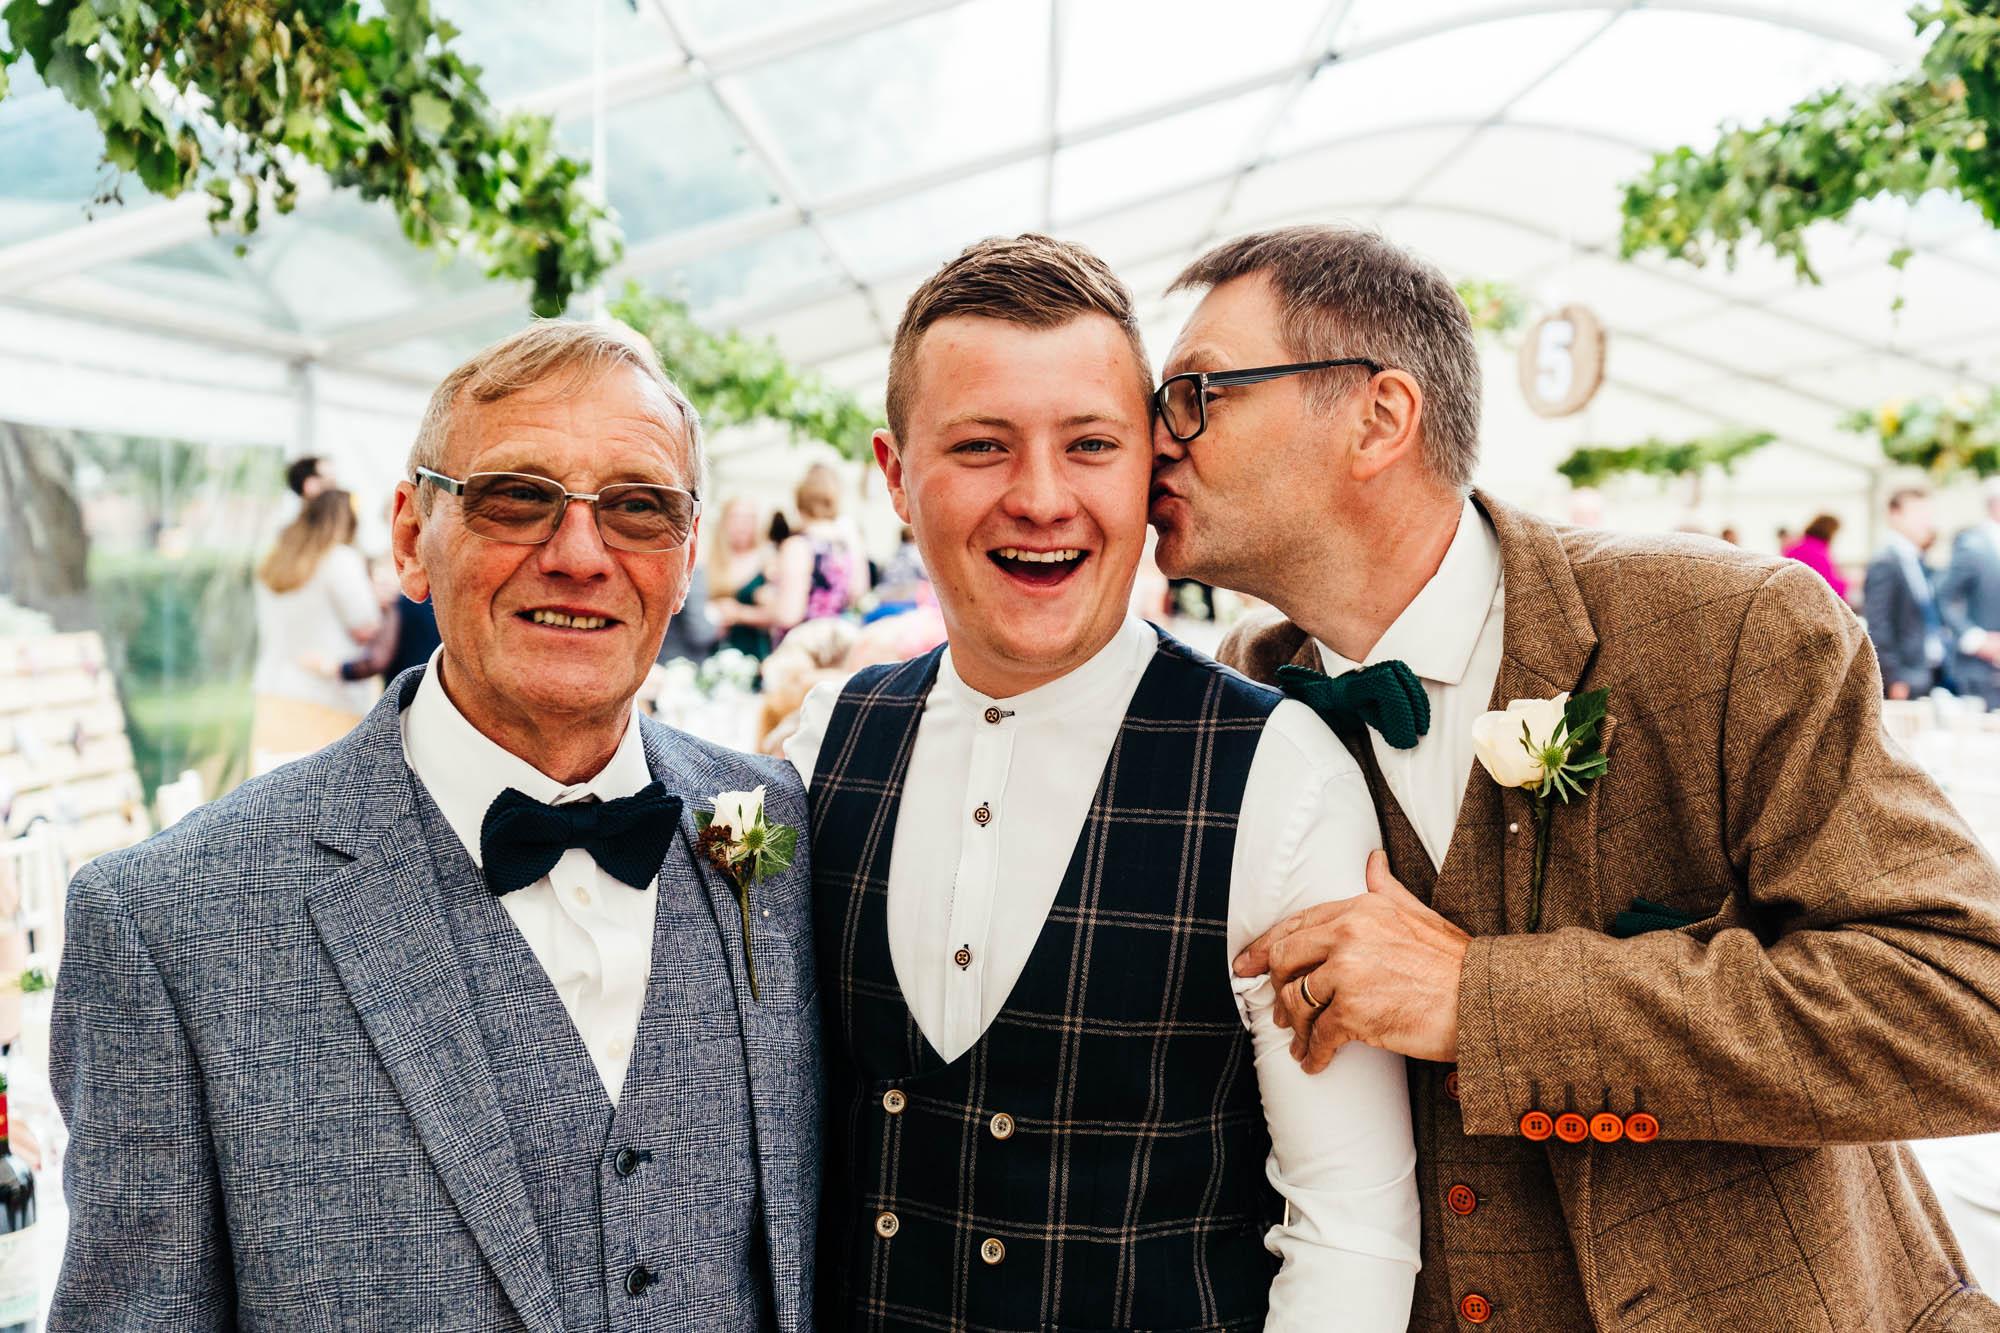 village-fete-wedding-52